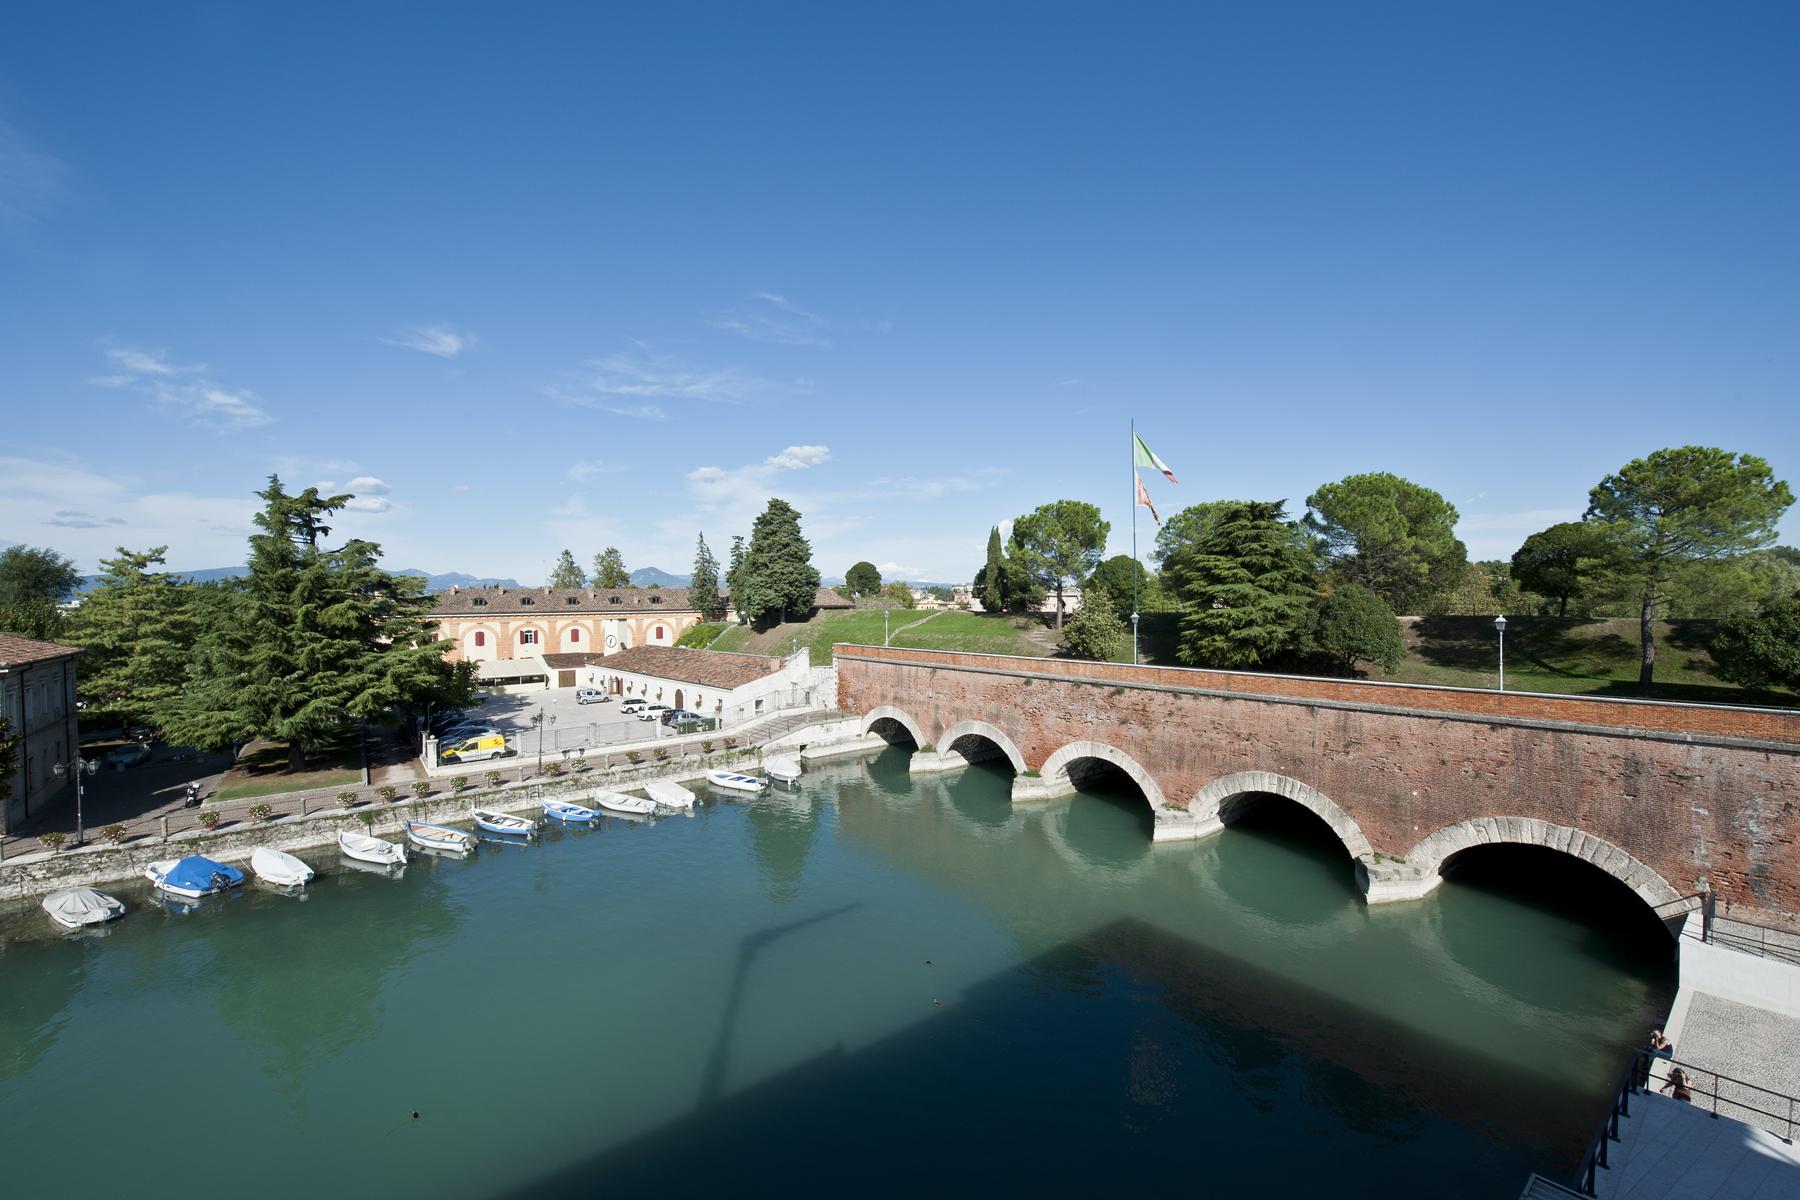 Attico in Vendita a Peschiera Del Garda: 5 locali, 165 mq - Foto 2